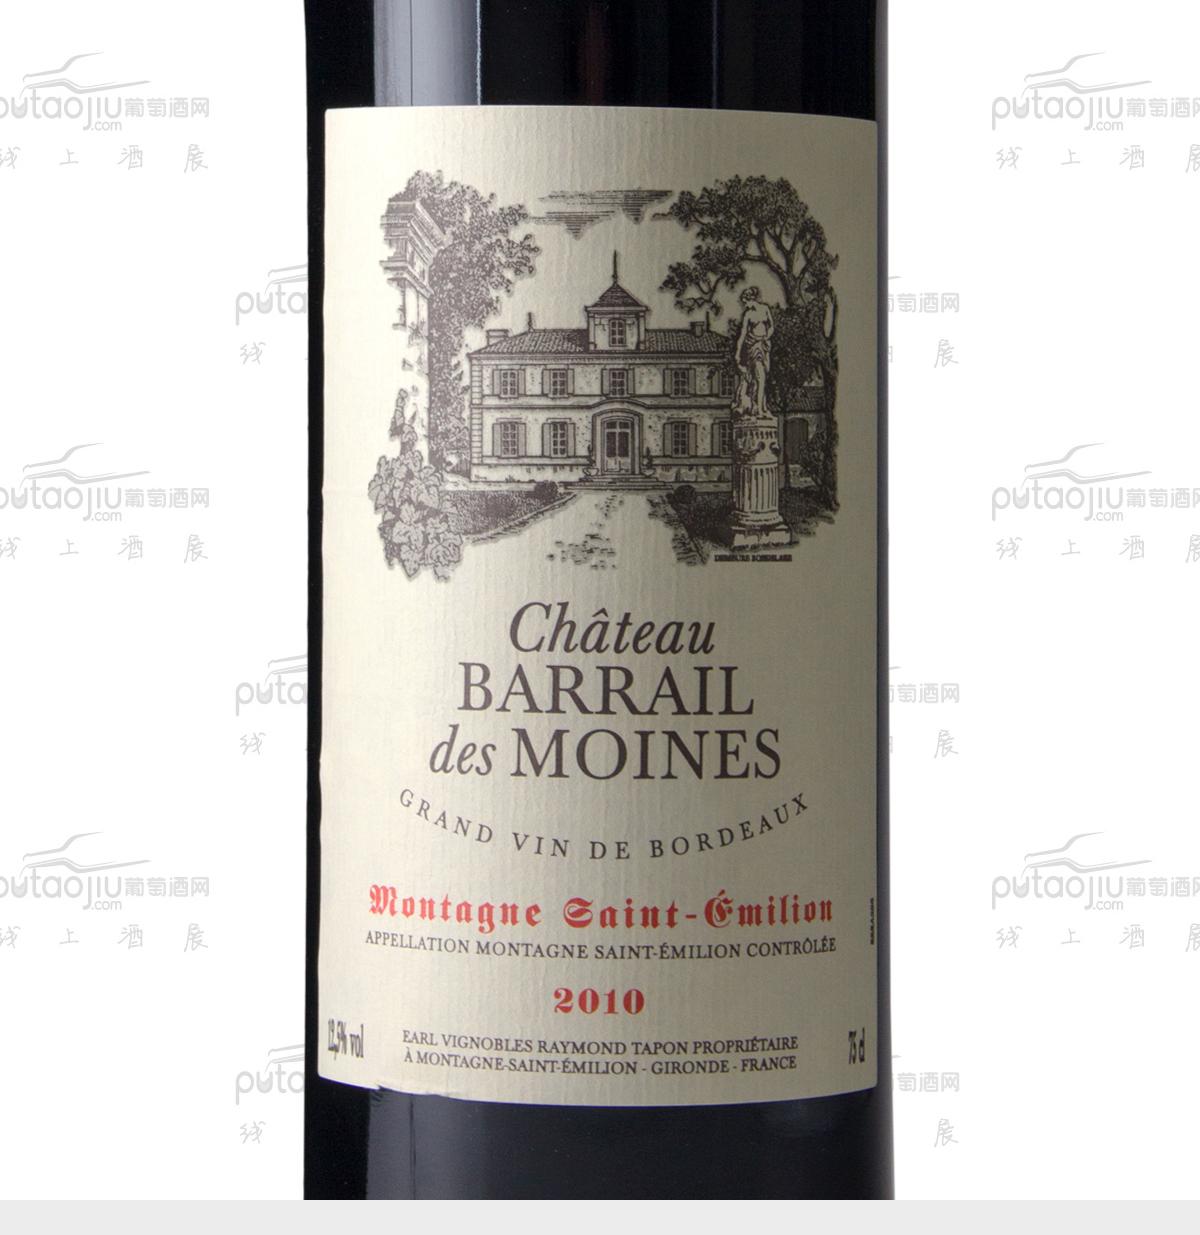 法国波尔多圣艾美隆巴赫尔僧侣城堡混酿AOC干红葡萄酒